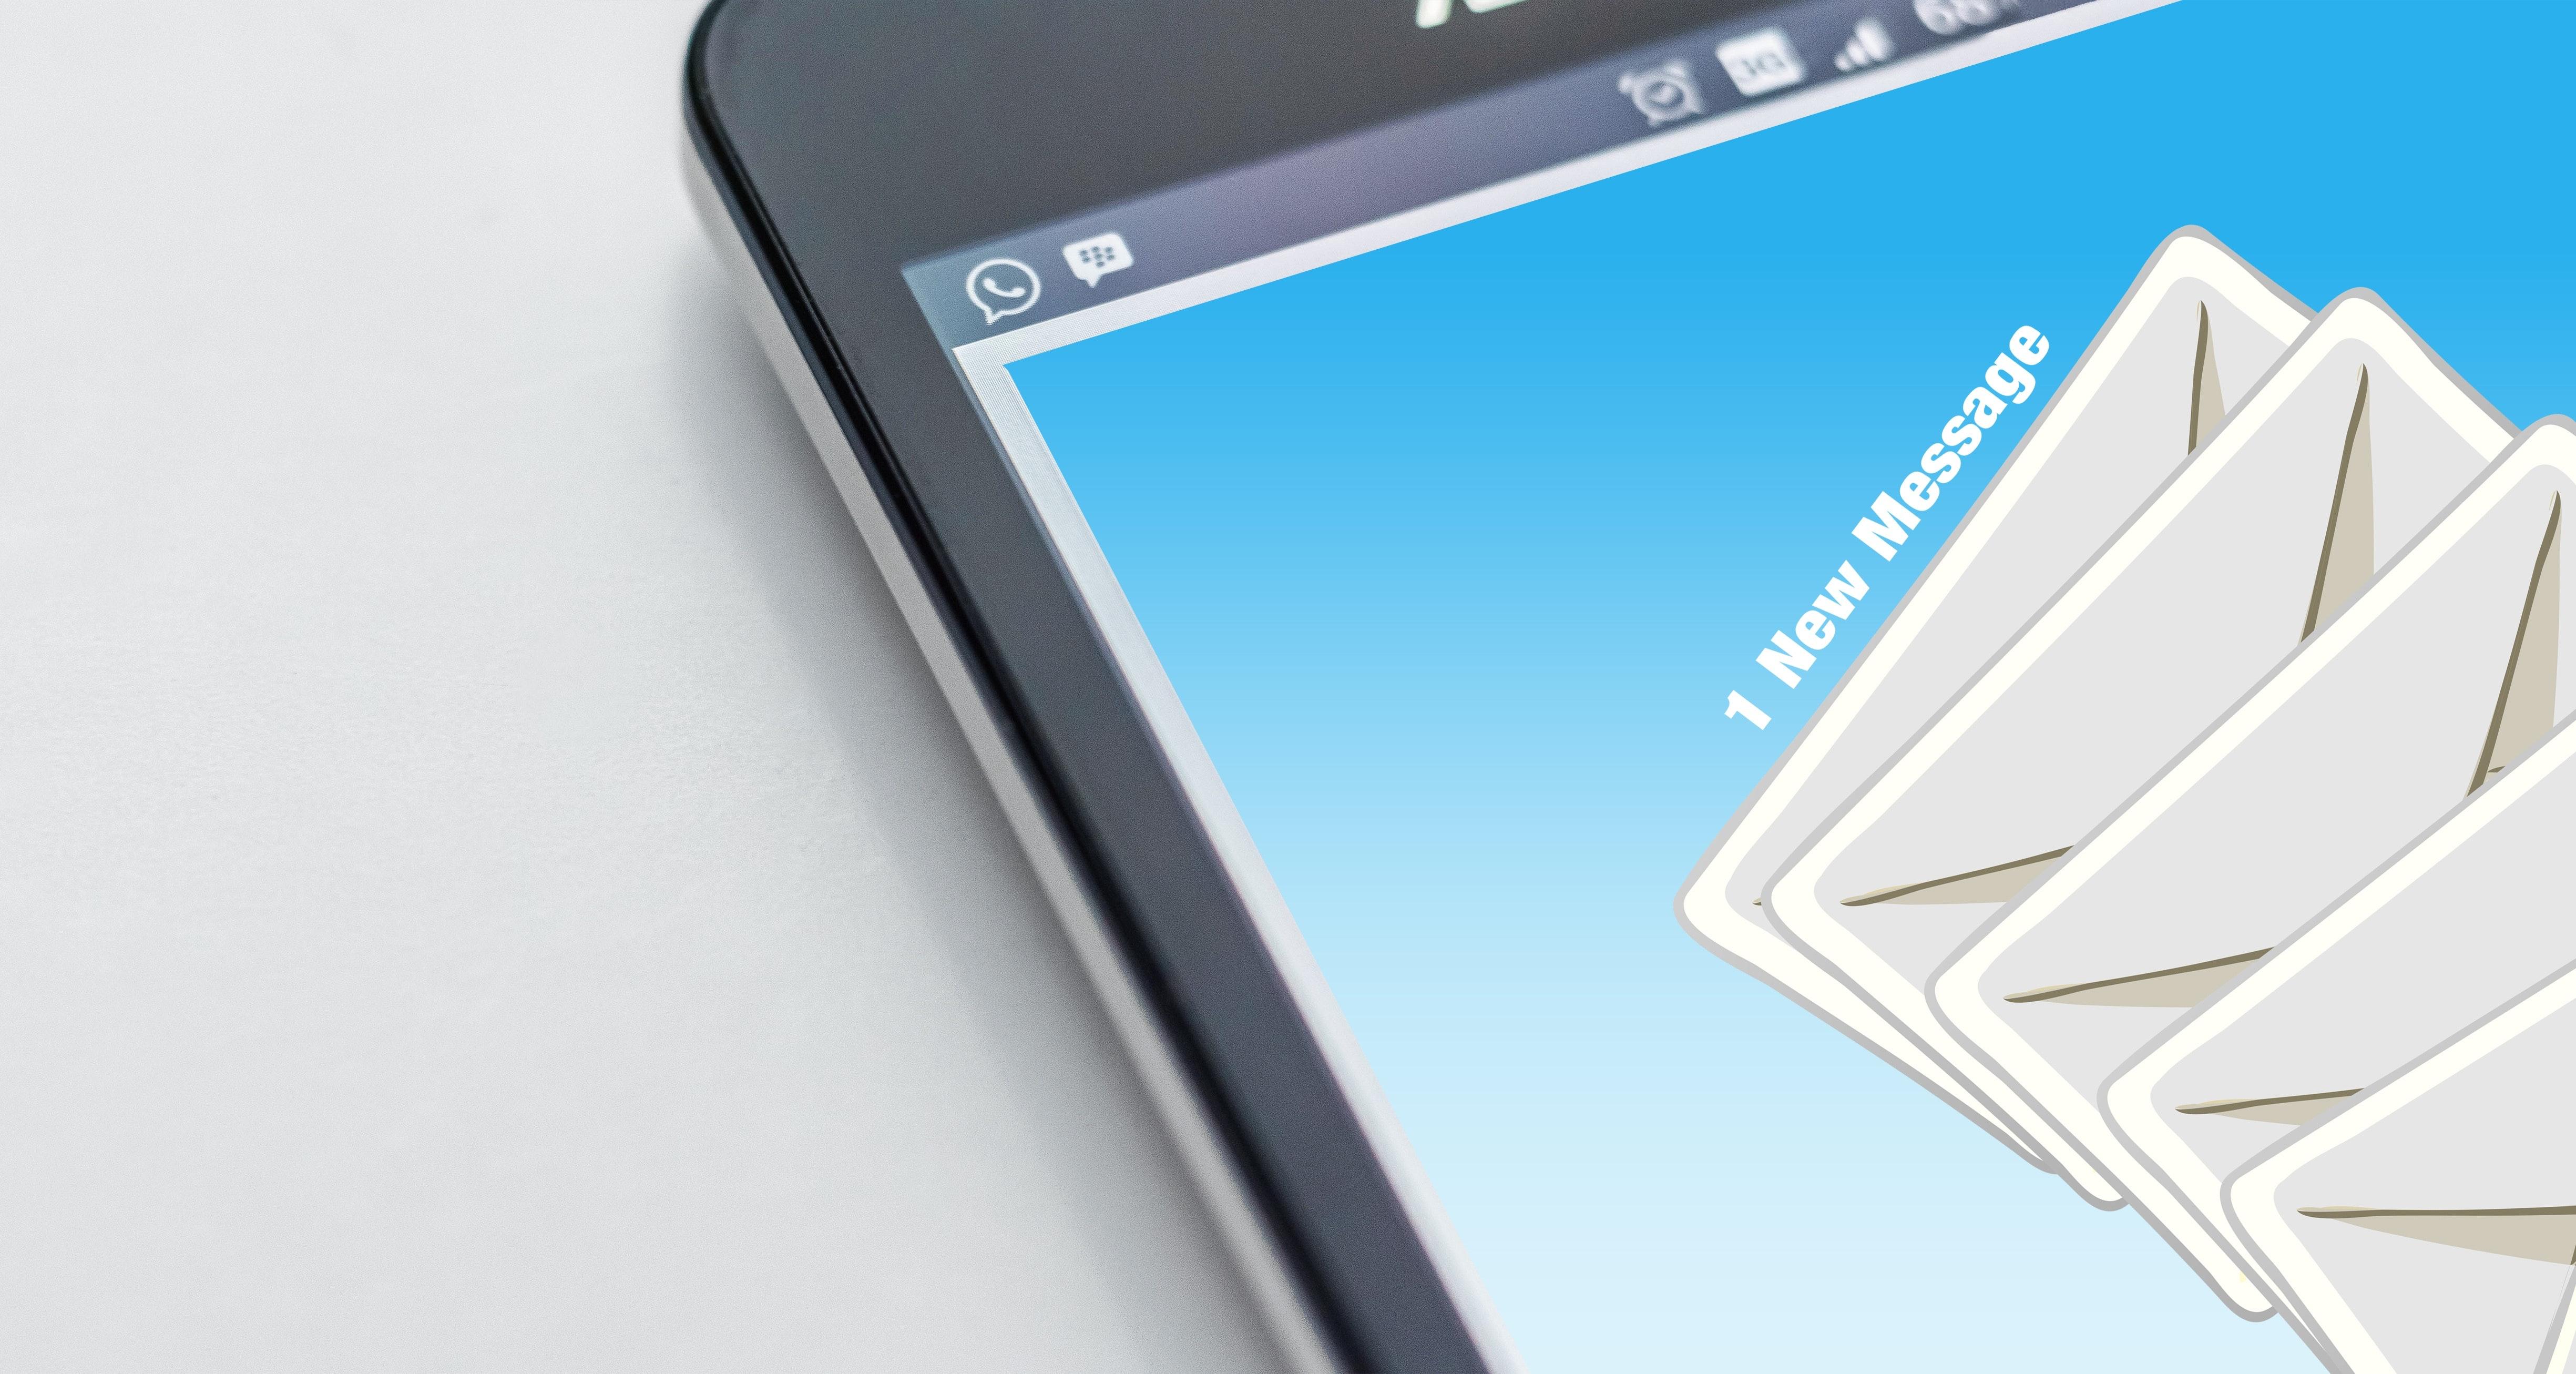 【例文あり】インターンシップに向けた気を付けたいメールの送り方